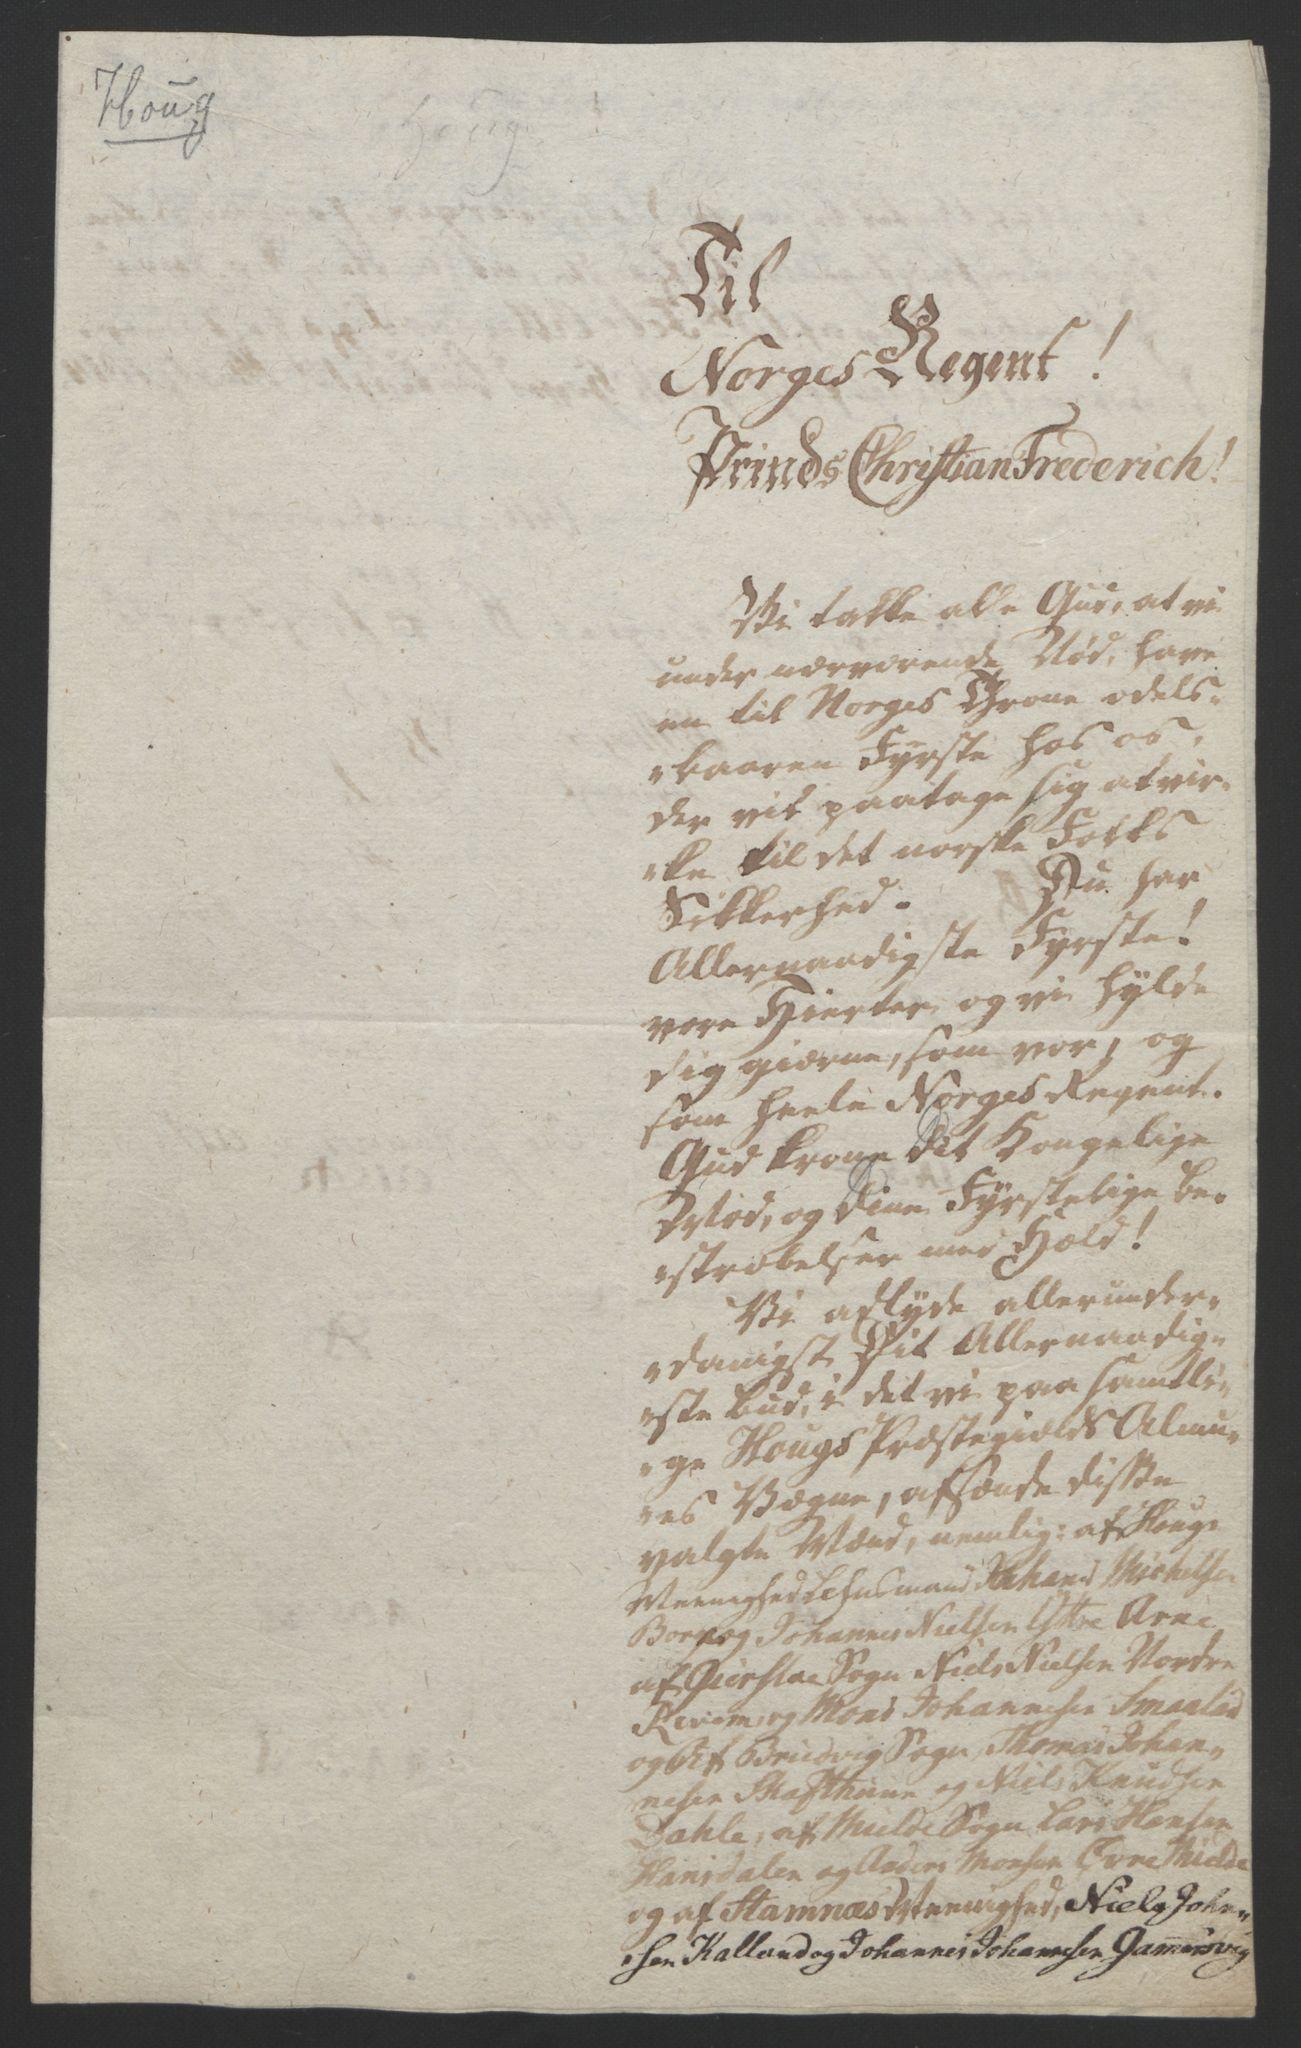 RA, Statsrådssekretariatet, D/Db/L0008: Fullmakter for Eidsvollsrepresentantene i 1814. , 1814, s. 281